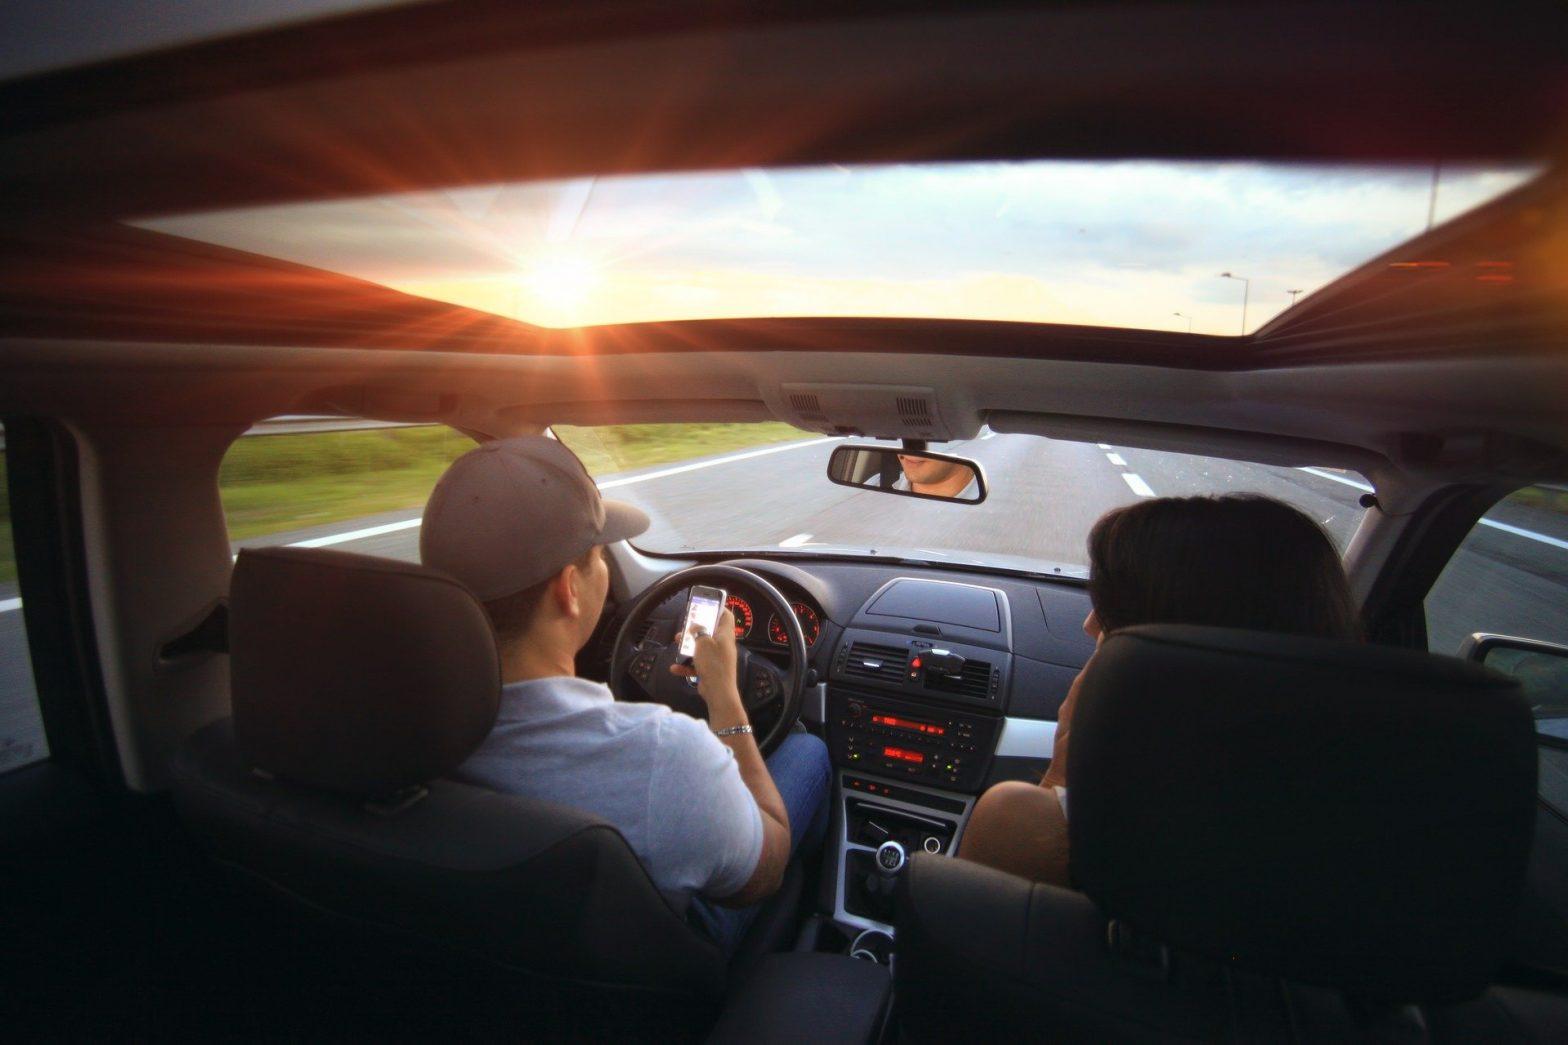 Foto de duas pessoas em um carro no meio da estrada. Imagem ilustrativa para o texto seguro auto barato.